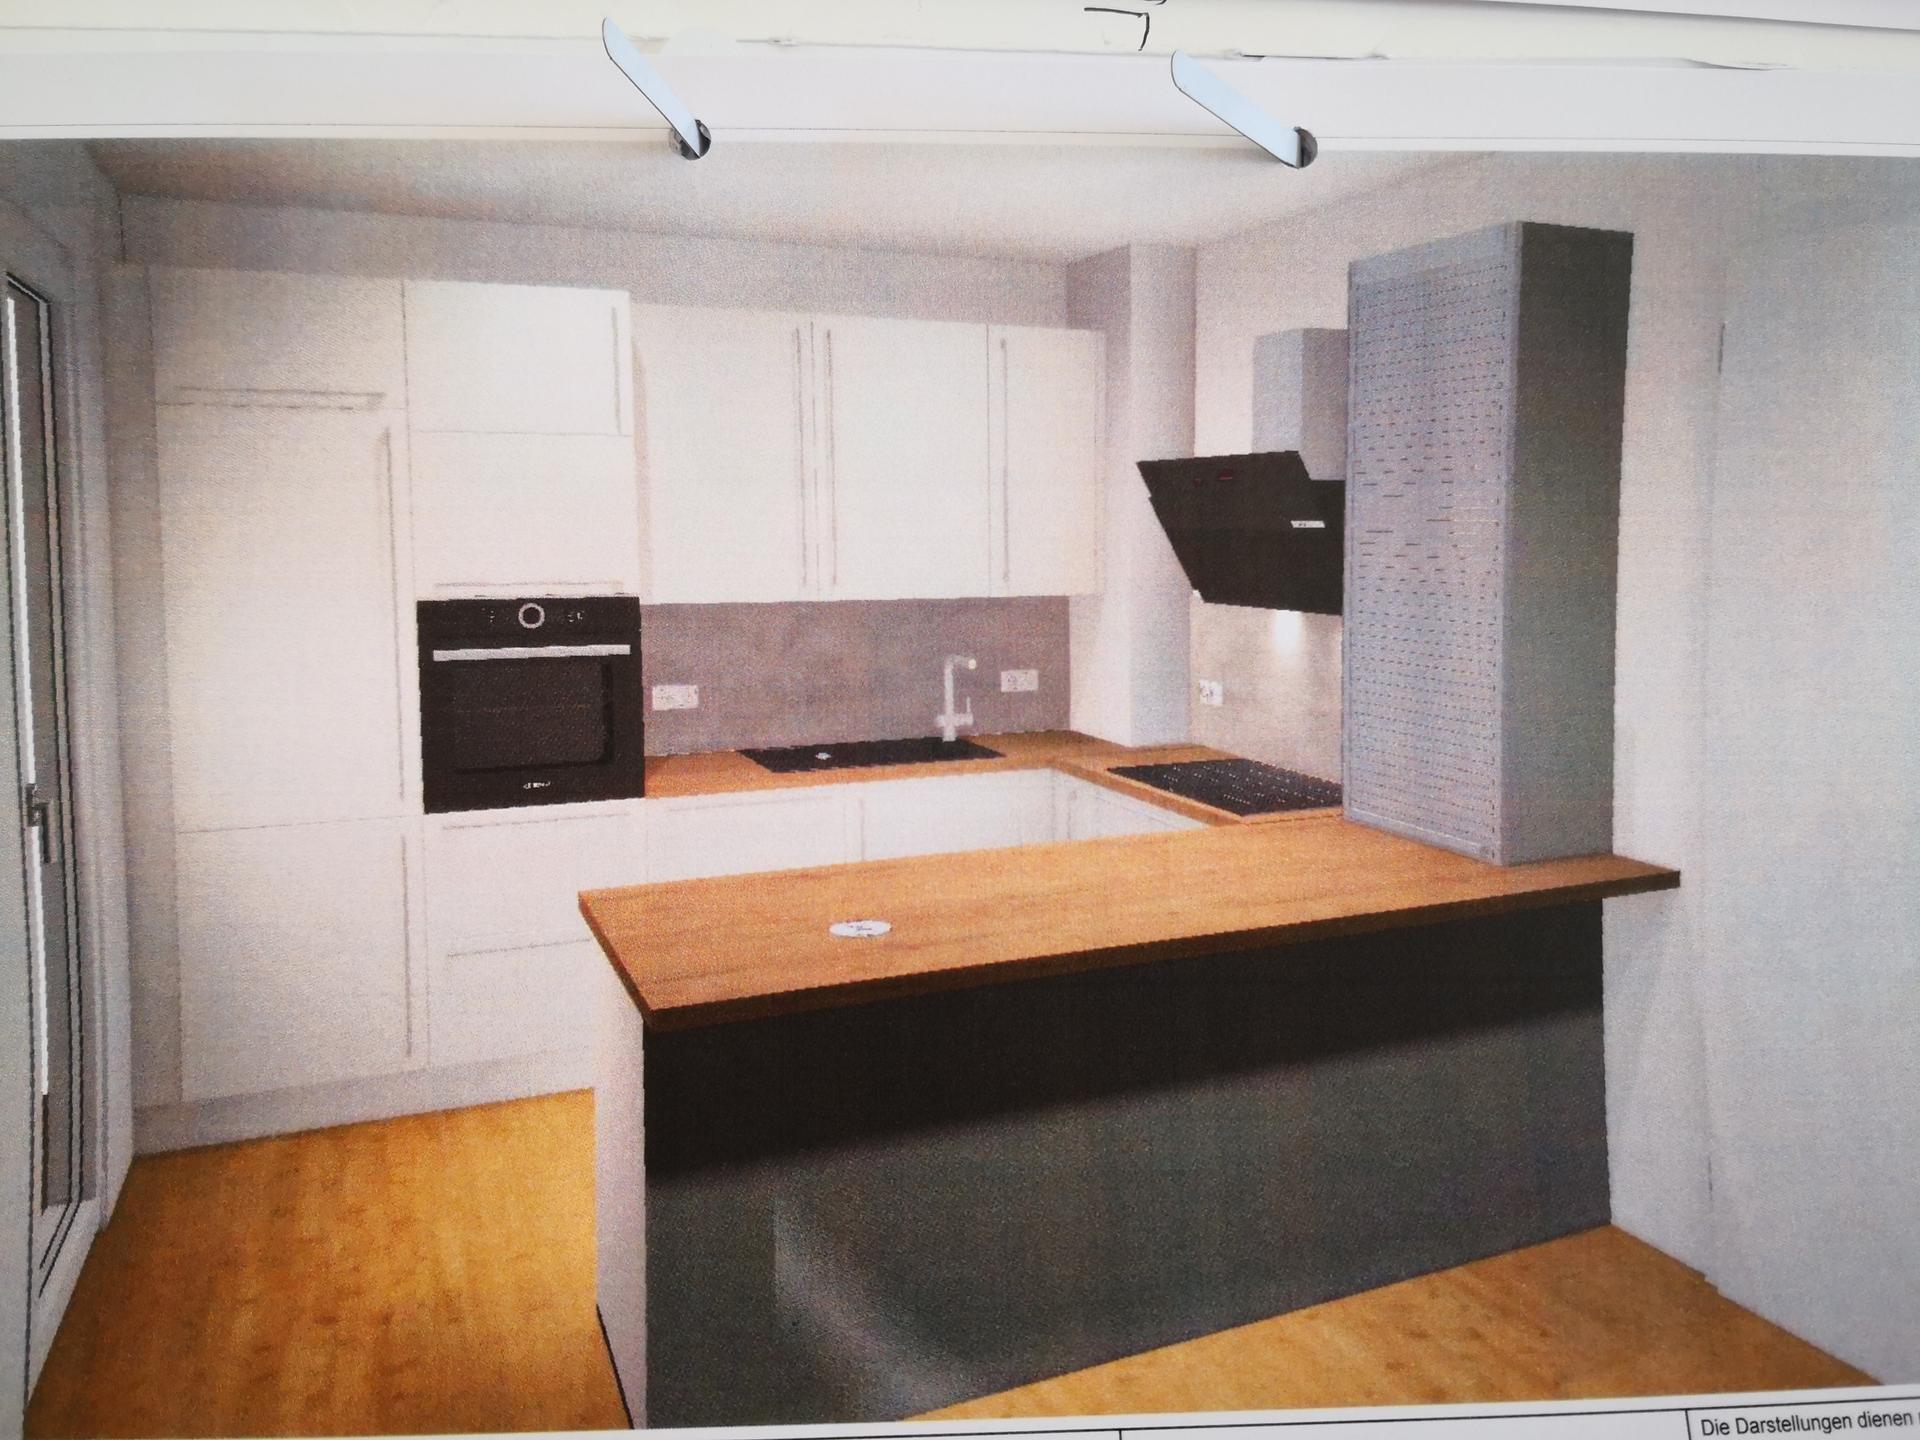 Náš nový byt v novostavbě - Obrázek č. 24